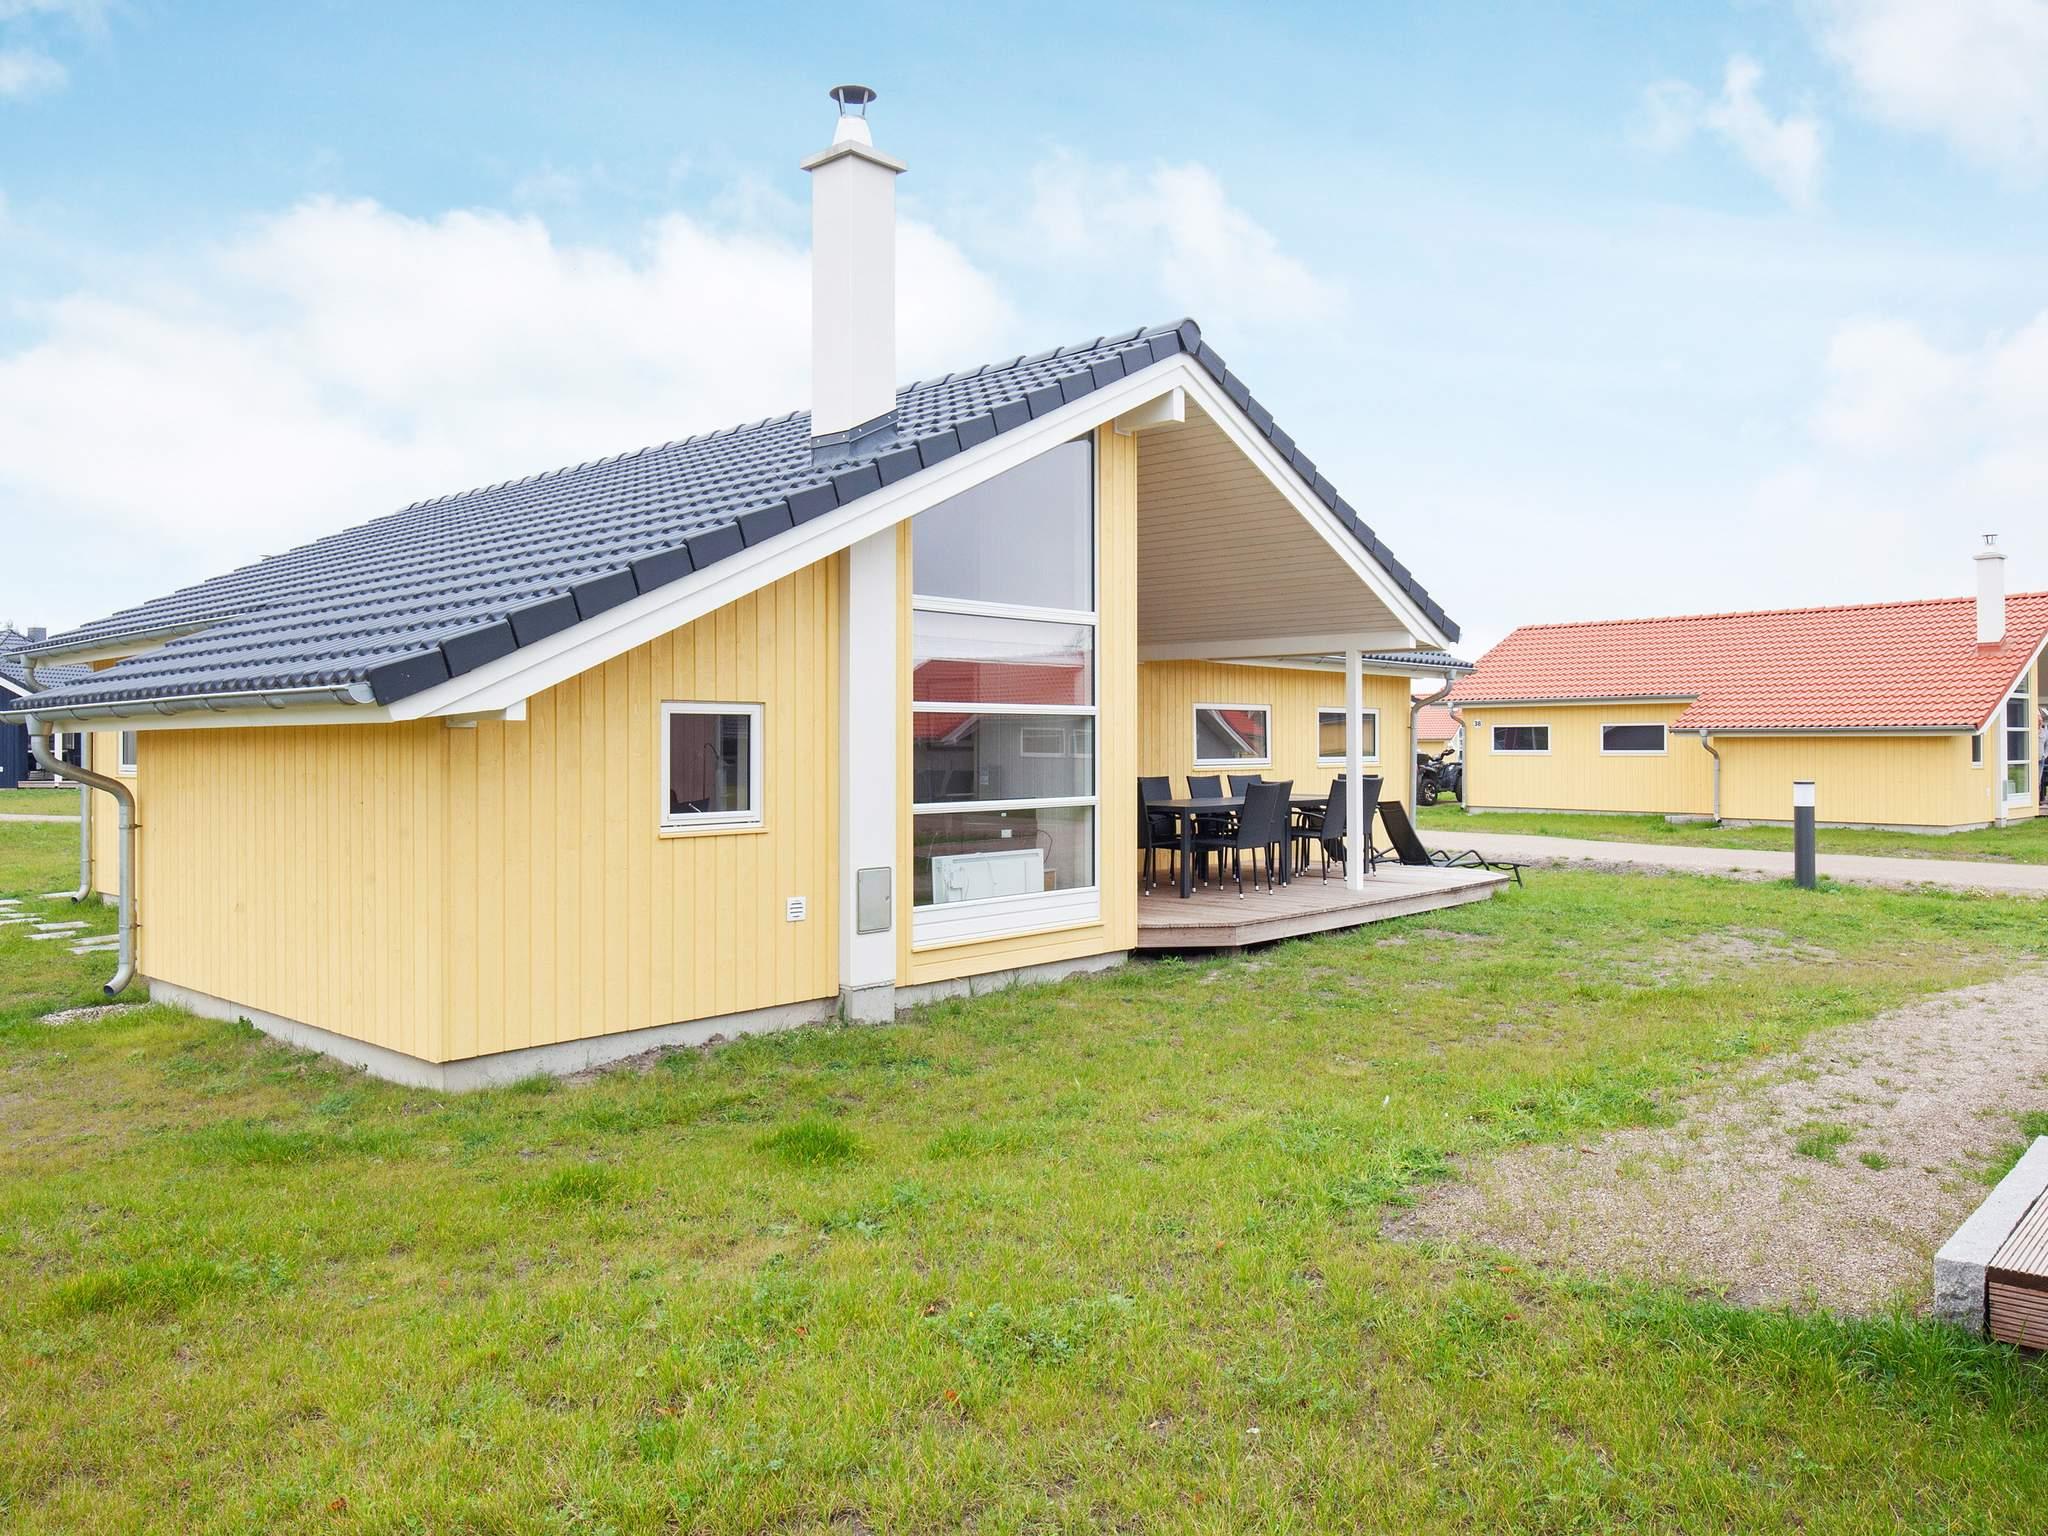 Ferienhaus Großenbrode (2355384), Großenbrode, Ostseespitze Wagrien, Schleswig-Holstein, Deutschland, Bild 17